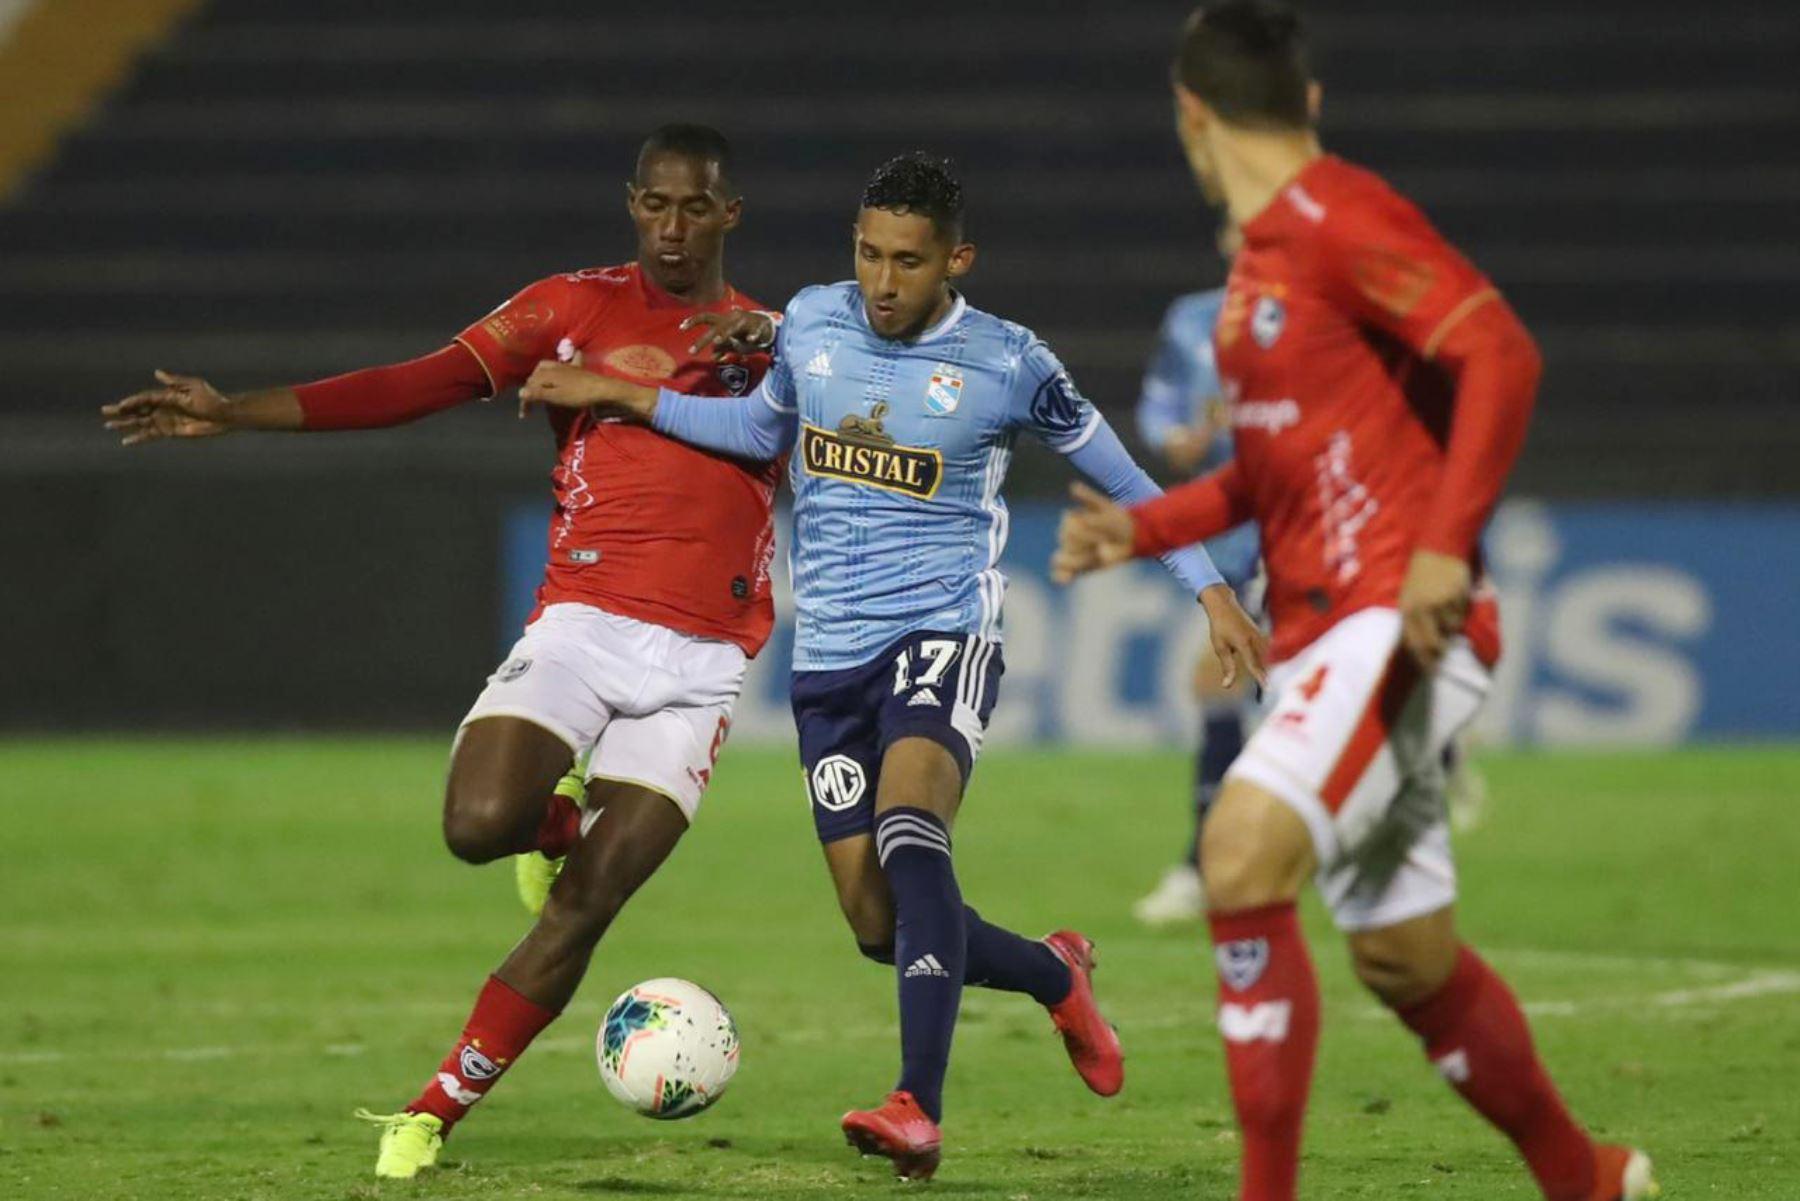 El futbolista  C. Gonzales   Sporting Cristal  disputa el balón ante el jugador de Cienciano  por la jornada 11 de la Liga 1 que se disputa en el estadio Alejandro Villanueva. Foto: @LigaFutProf